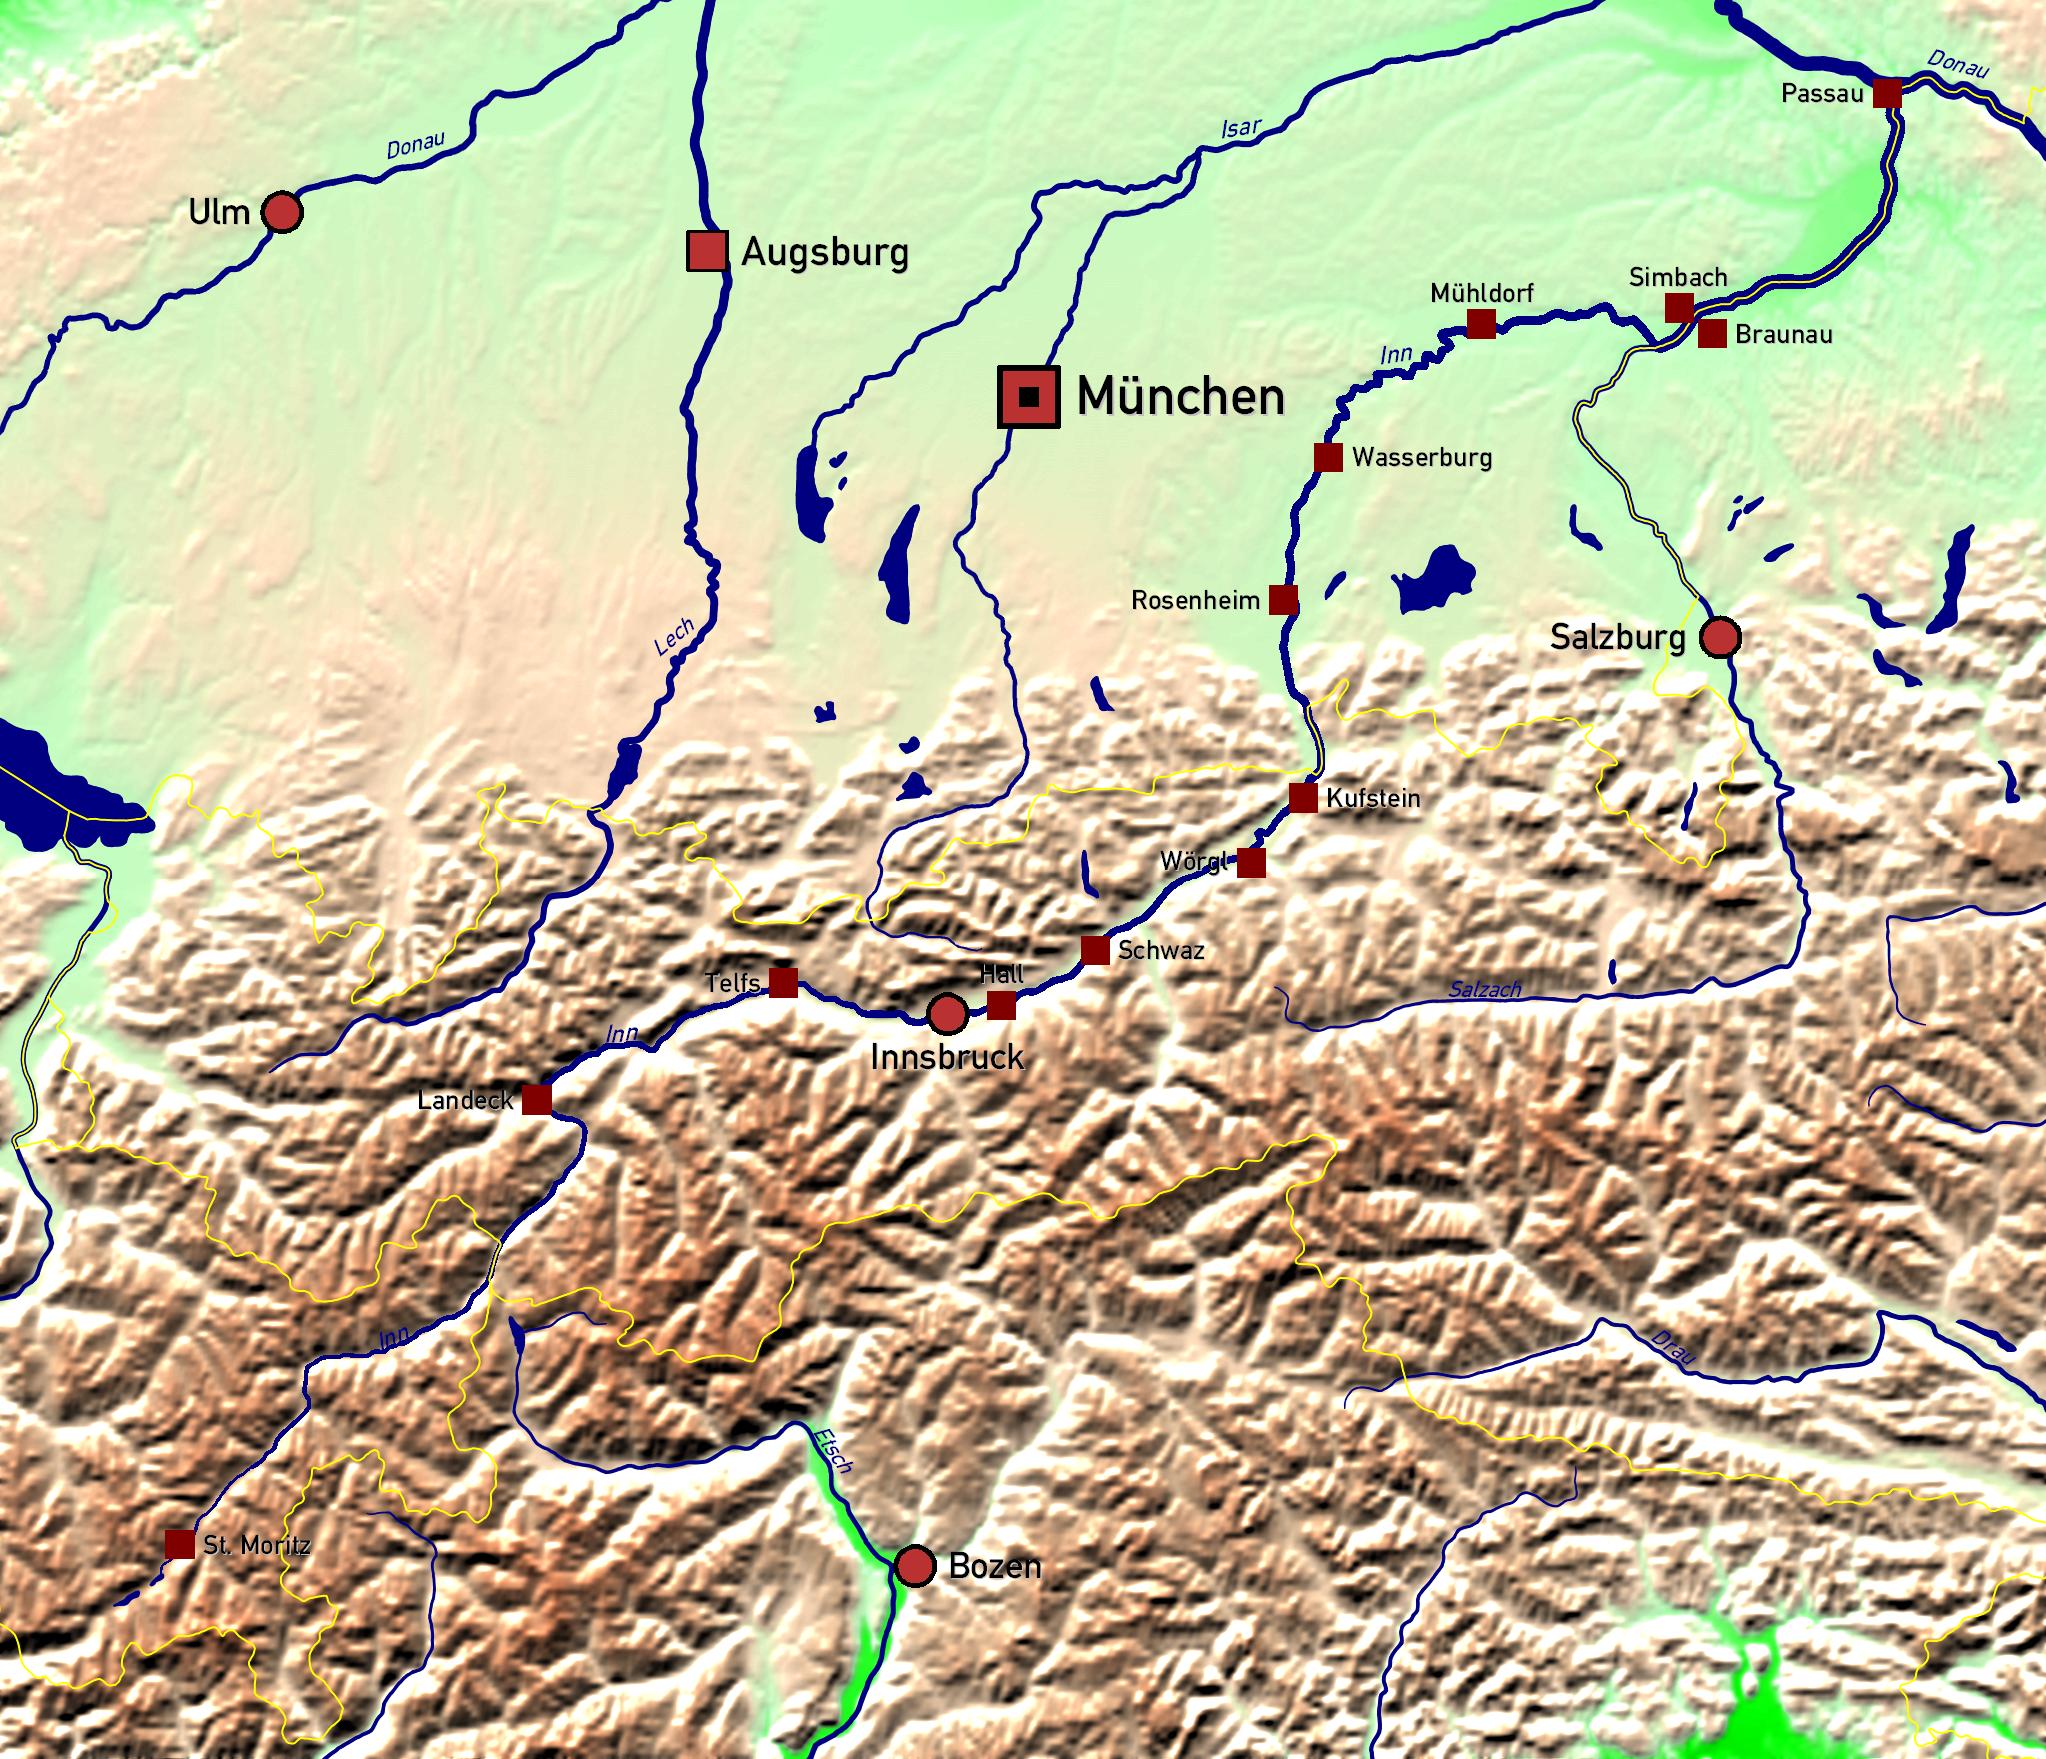 File:Lage fluss inn.png - Wikimedia Commons